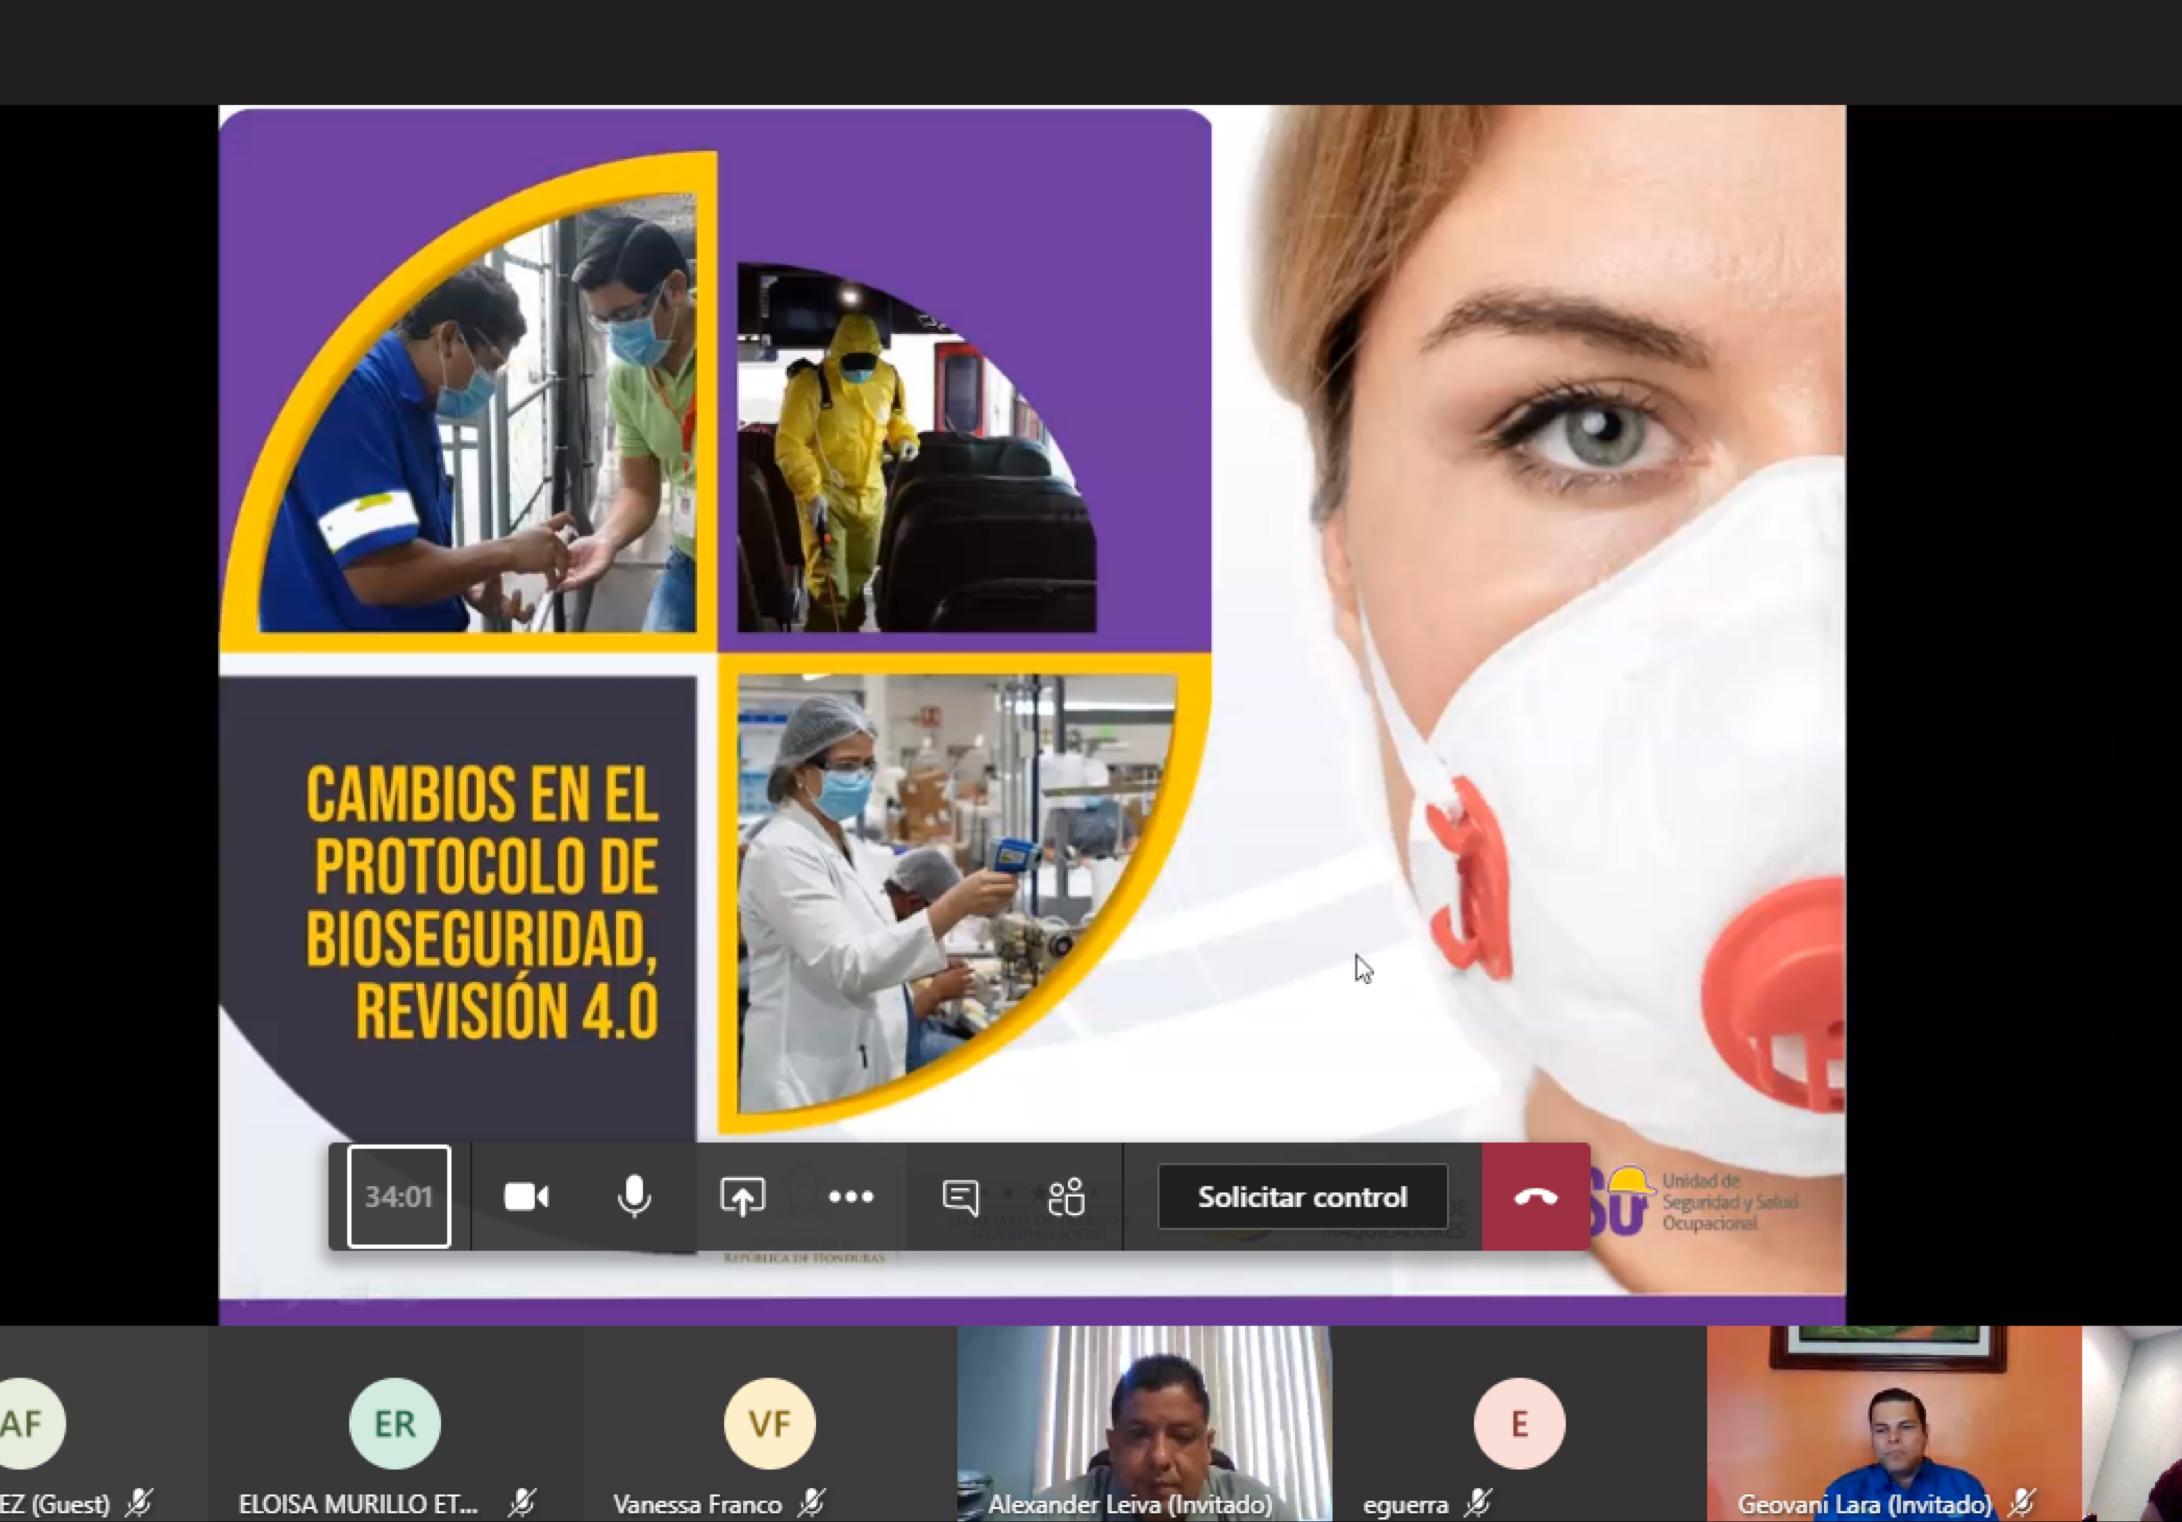 WEBINAR: CAMBIOS EN EL PROTOCOLO DE BIOSEGURIDAD, REVISIÓN 4.0